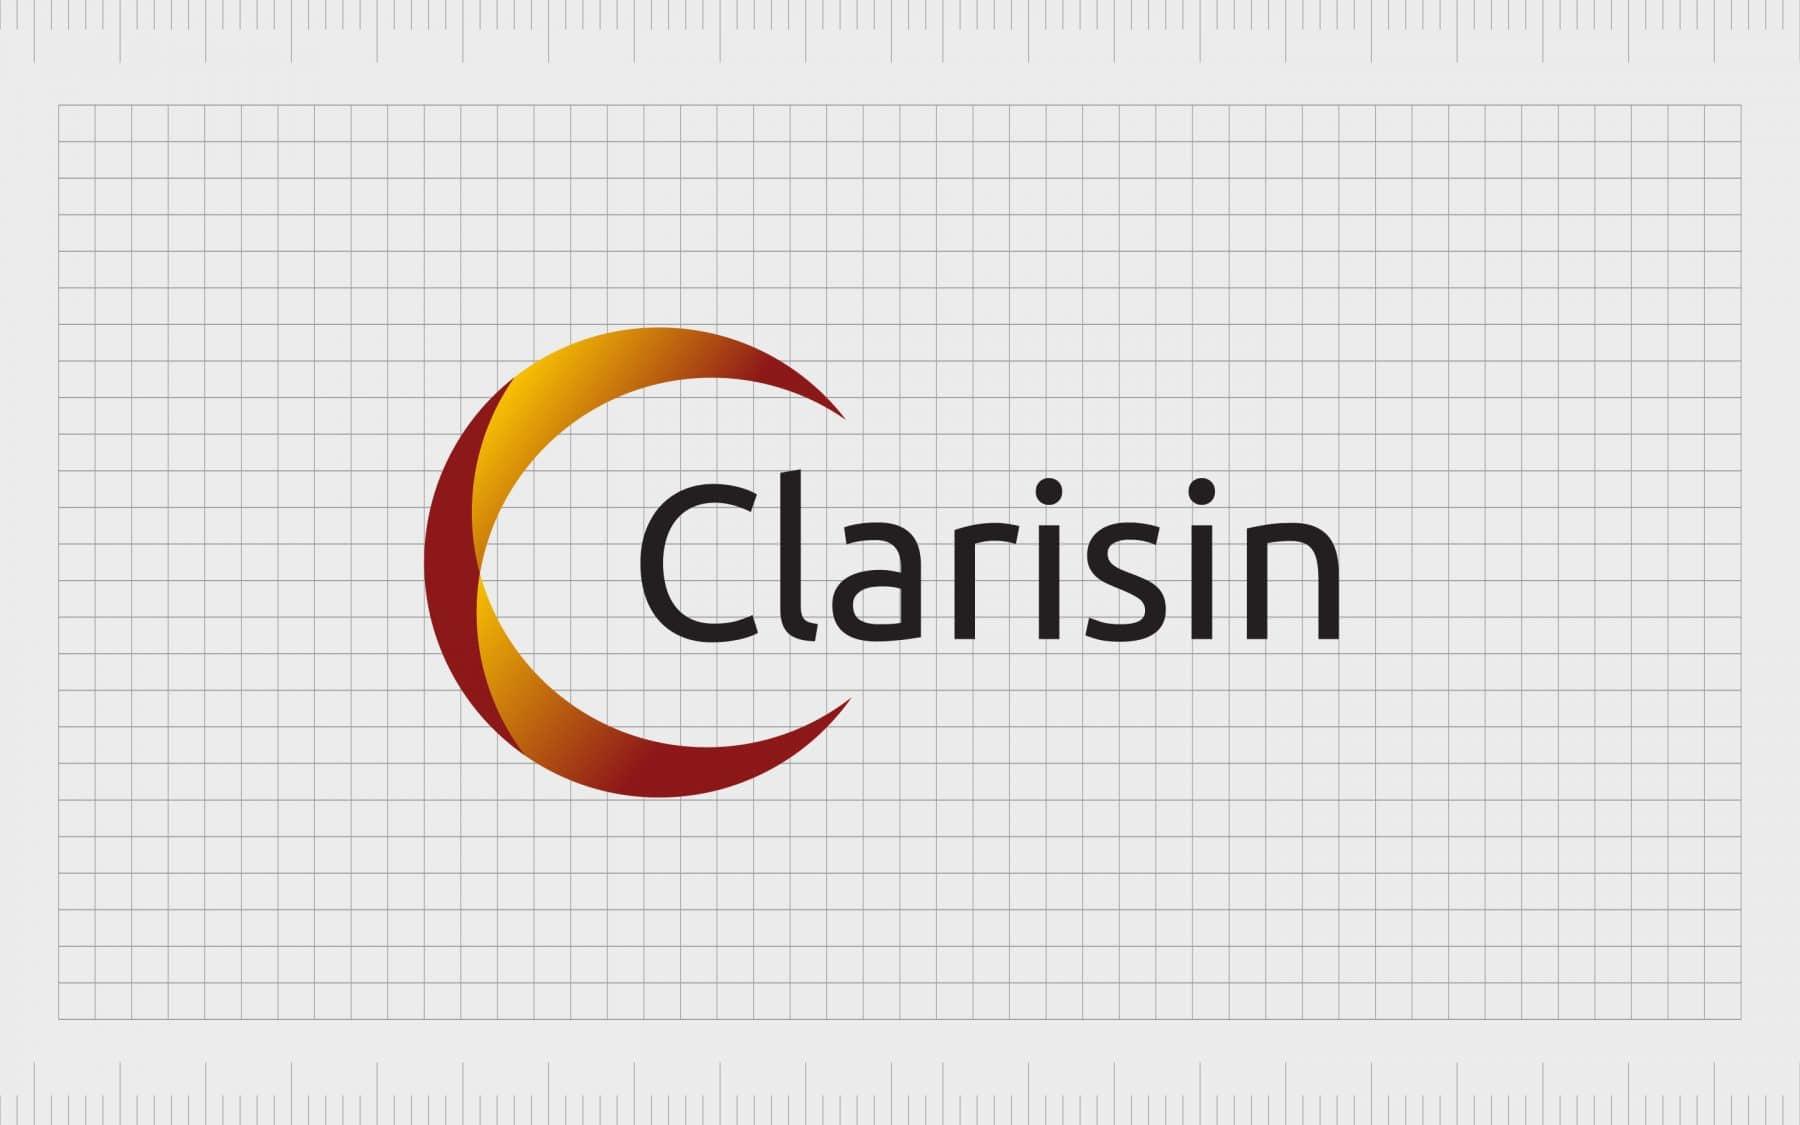 Clarisin